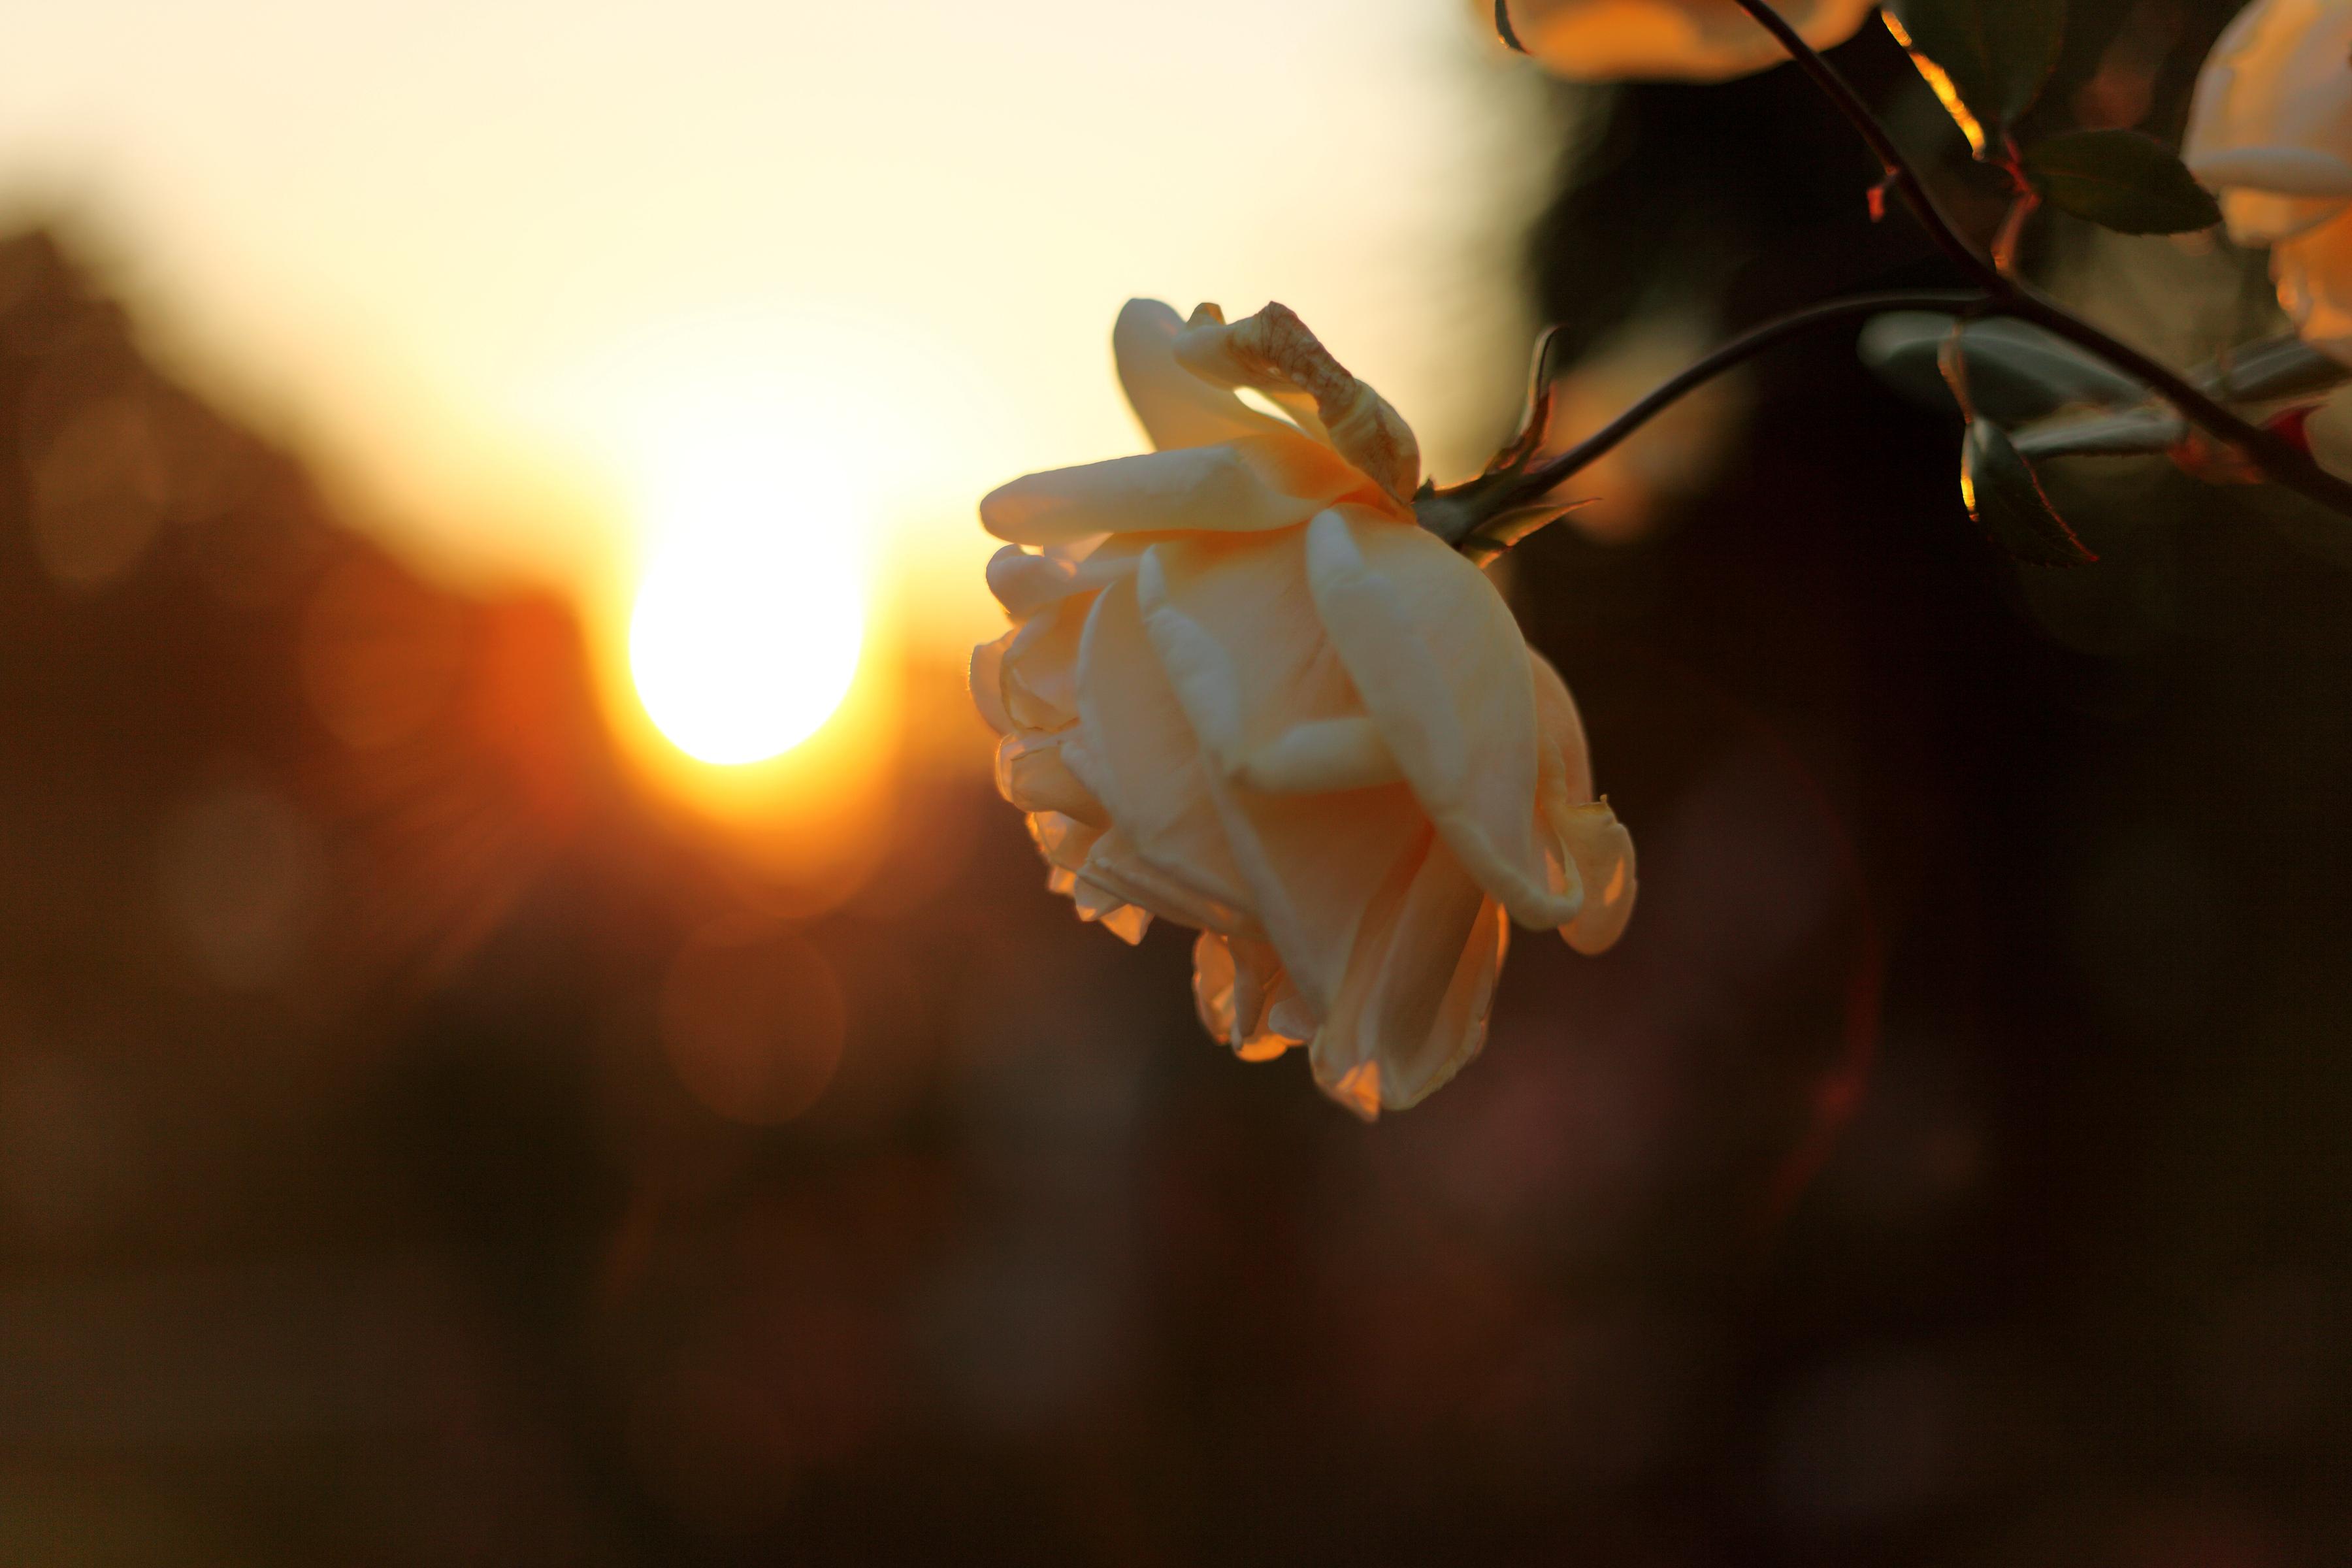 одинокий цветочек на закате бесплатно